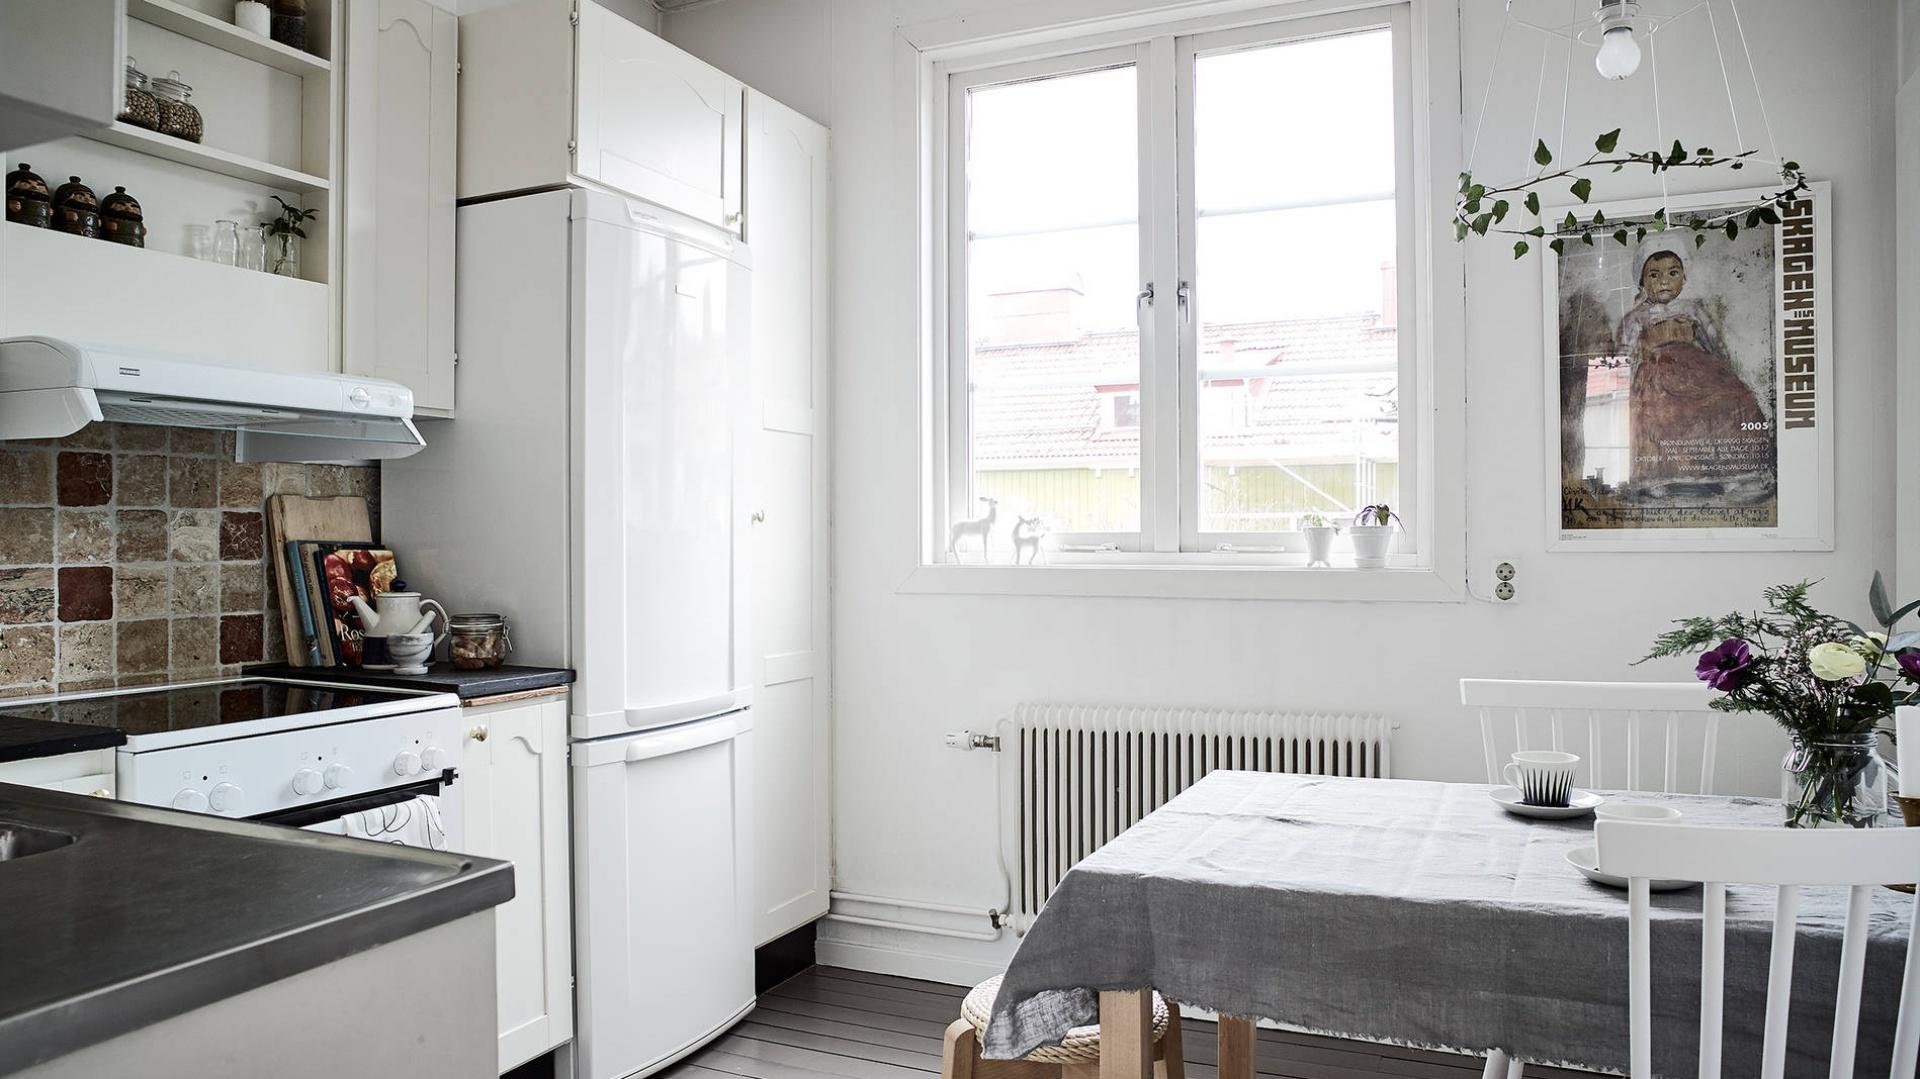 Białą lodówkę zabudowano pojemną zabudową. Fot. Janne Olander/Stadshem.se.